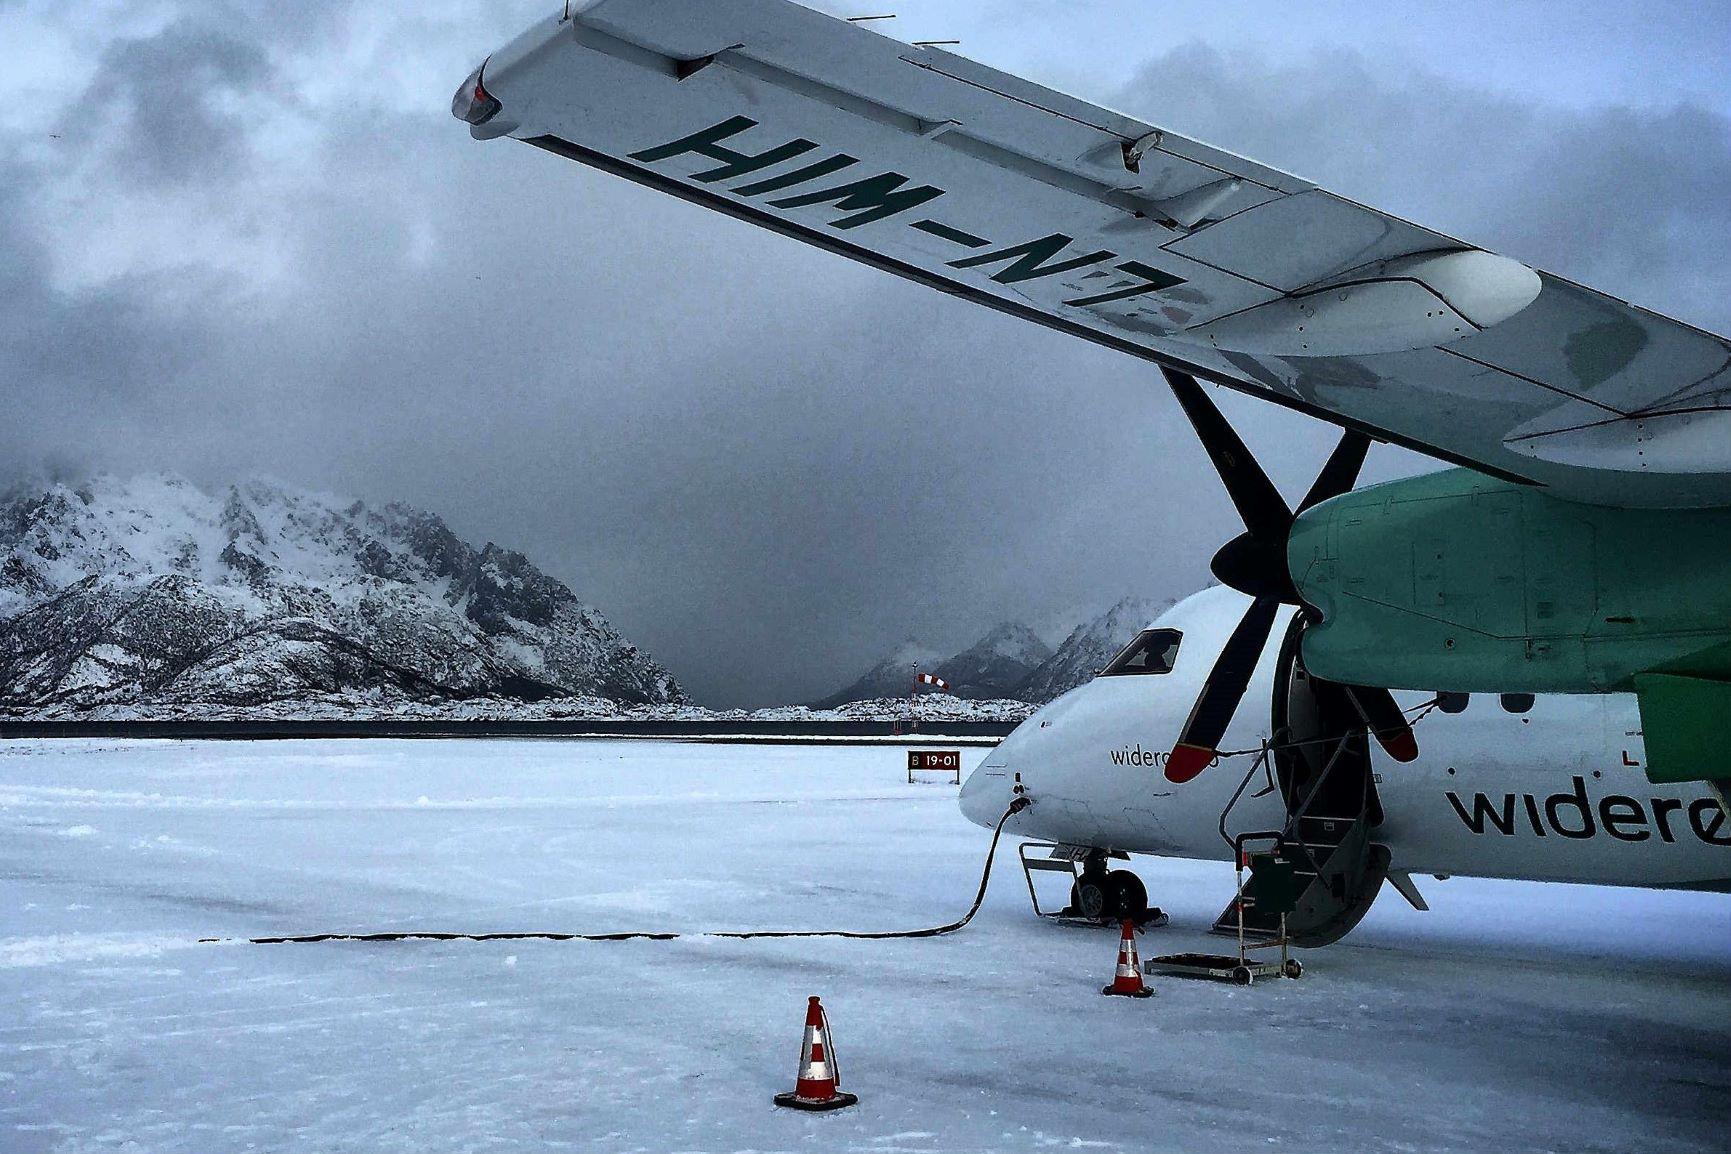 La gran experiencia polar. Ártico noruego. NUBA Everywhere. Avión